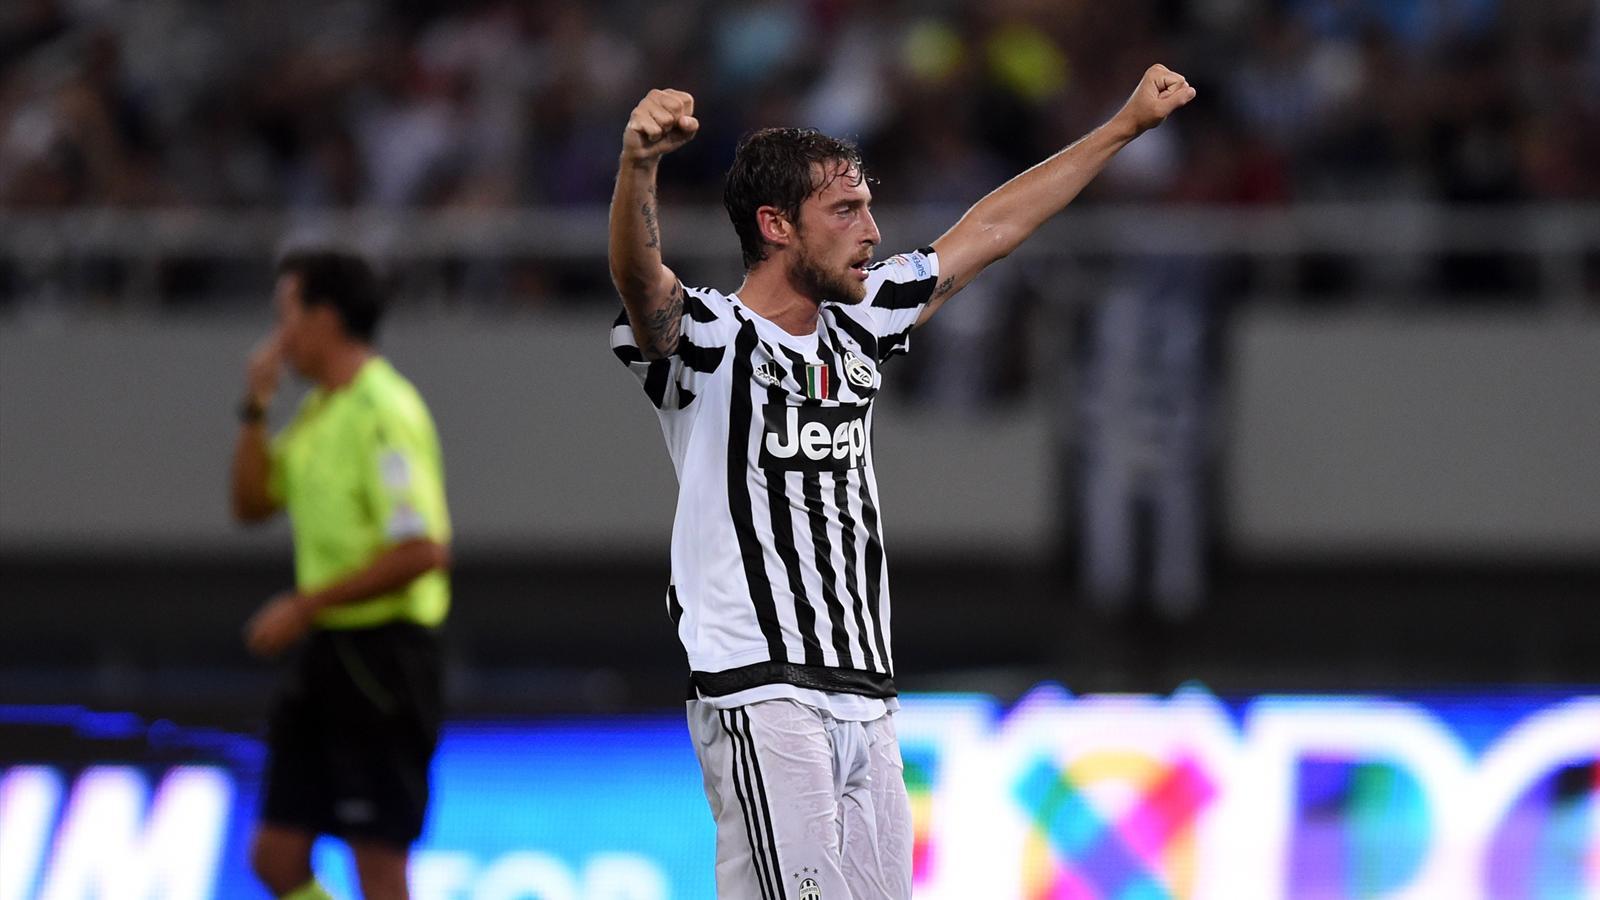 Juventus midfielder Claudio Marchisio celebrates